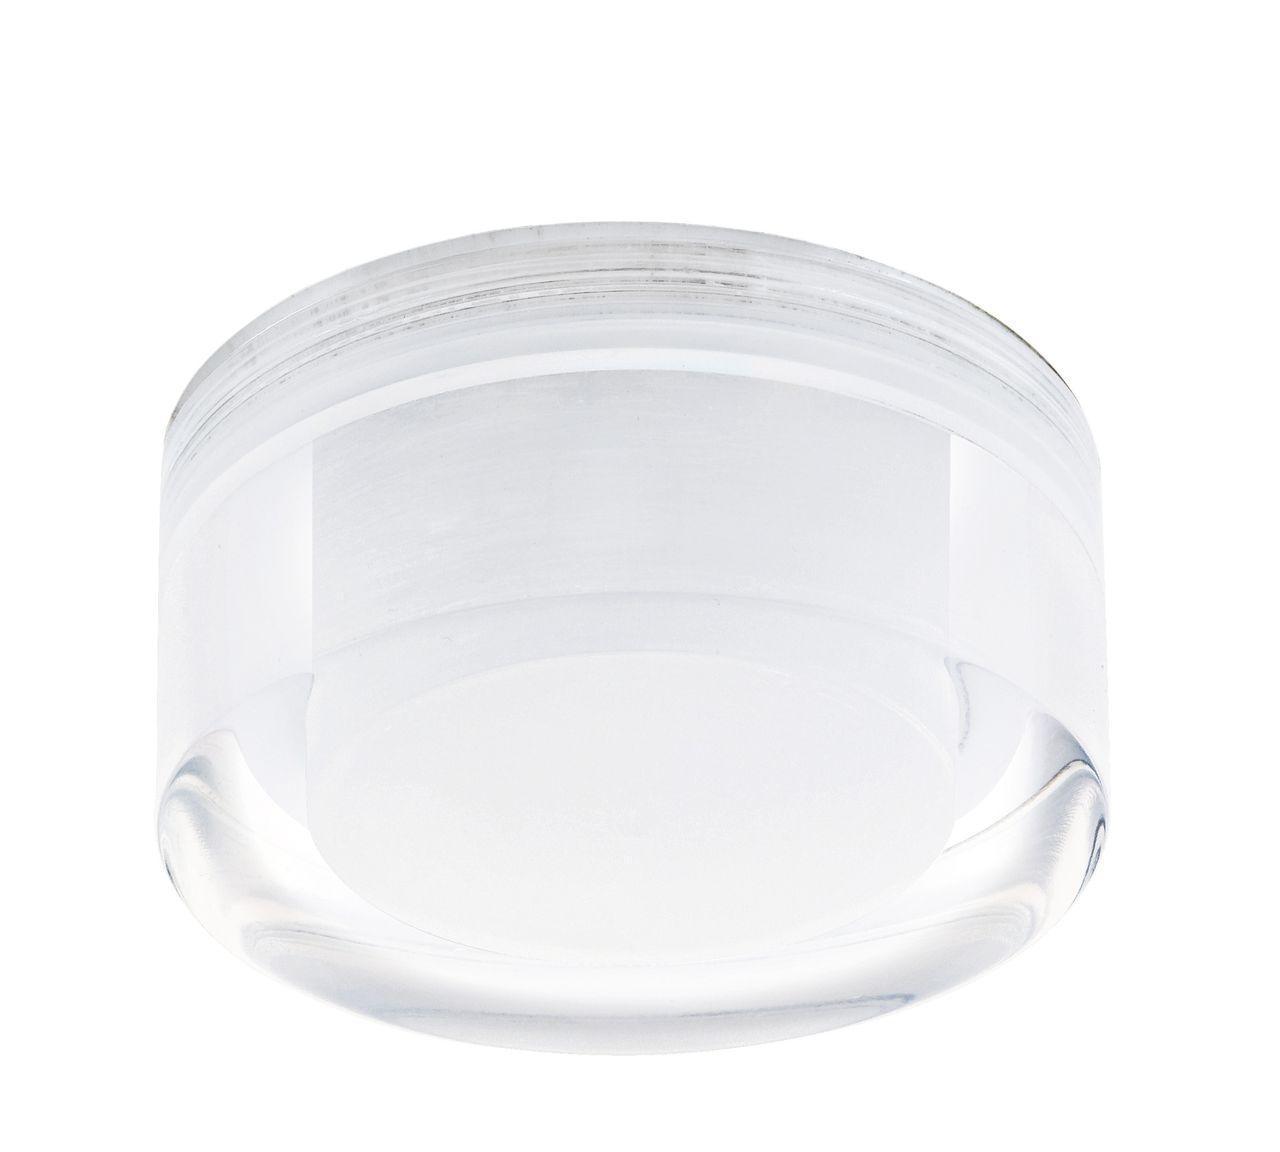 Встраиваемый светильник Eglo Tortoli 92682 eglo светильник встраиваемый tortoli 1x3w gu10 ip20